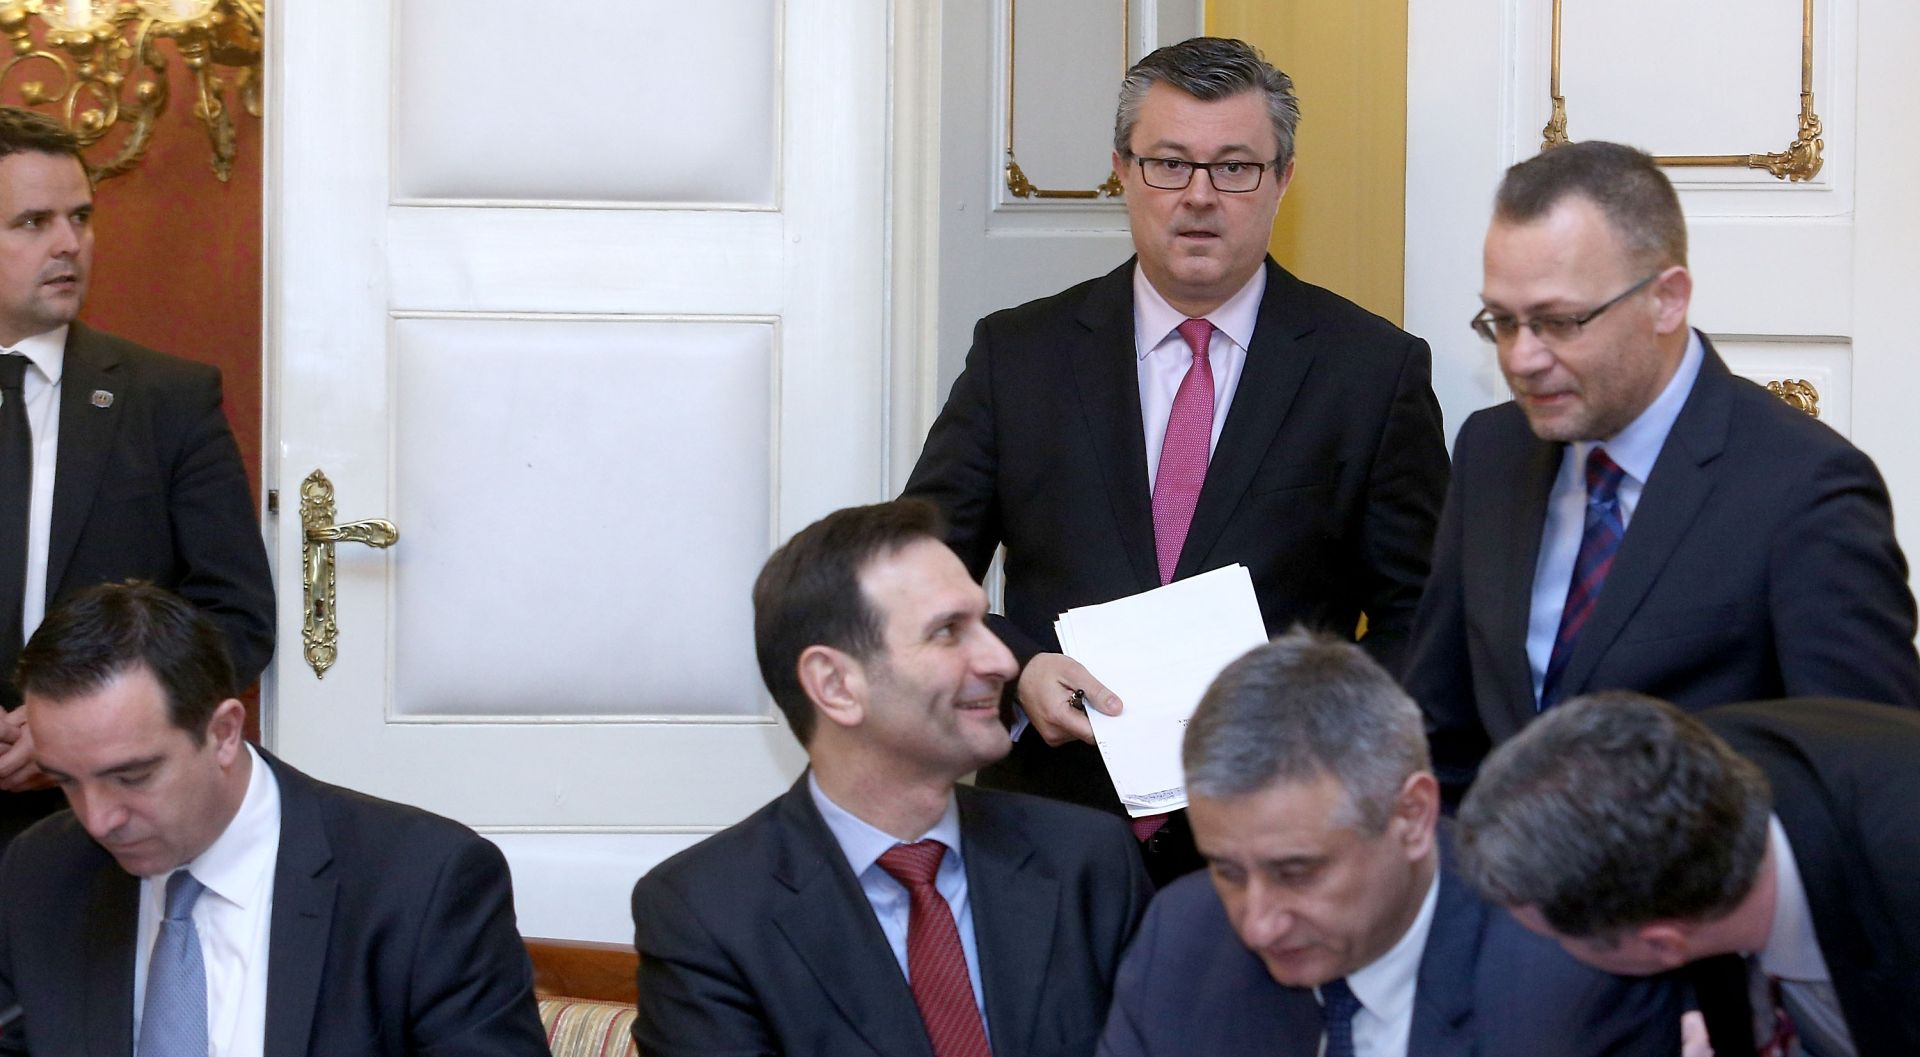 Nadzorni odbor HRT-a uputio otvoreno pismo Oreškoviću: Ministarstvo kulture ide protiv zakona